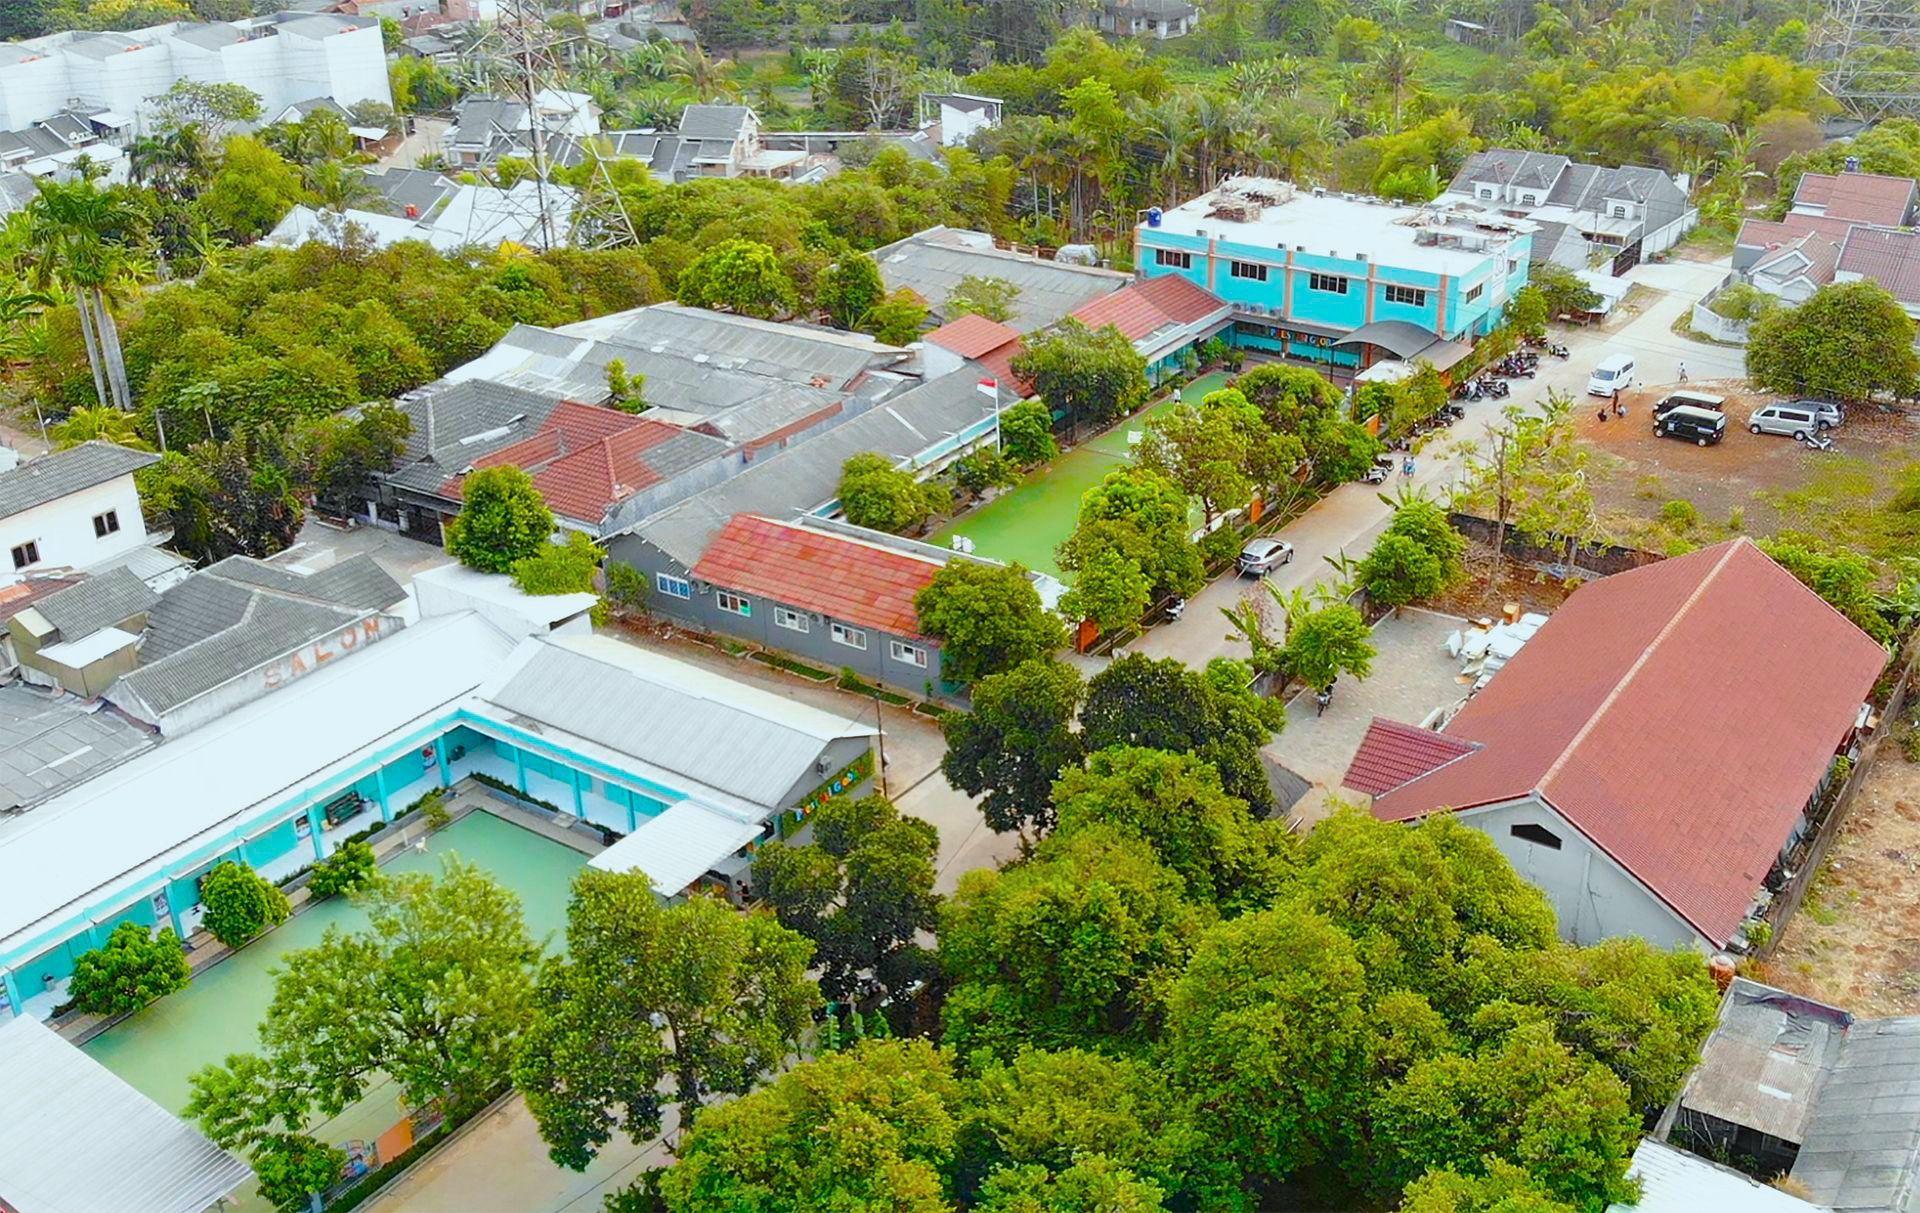 Sekolah Prestasi Global Aerial Drone